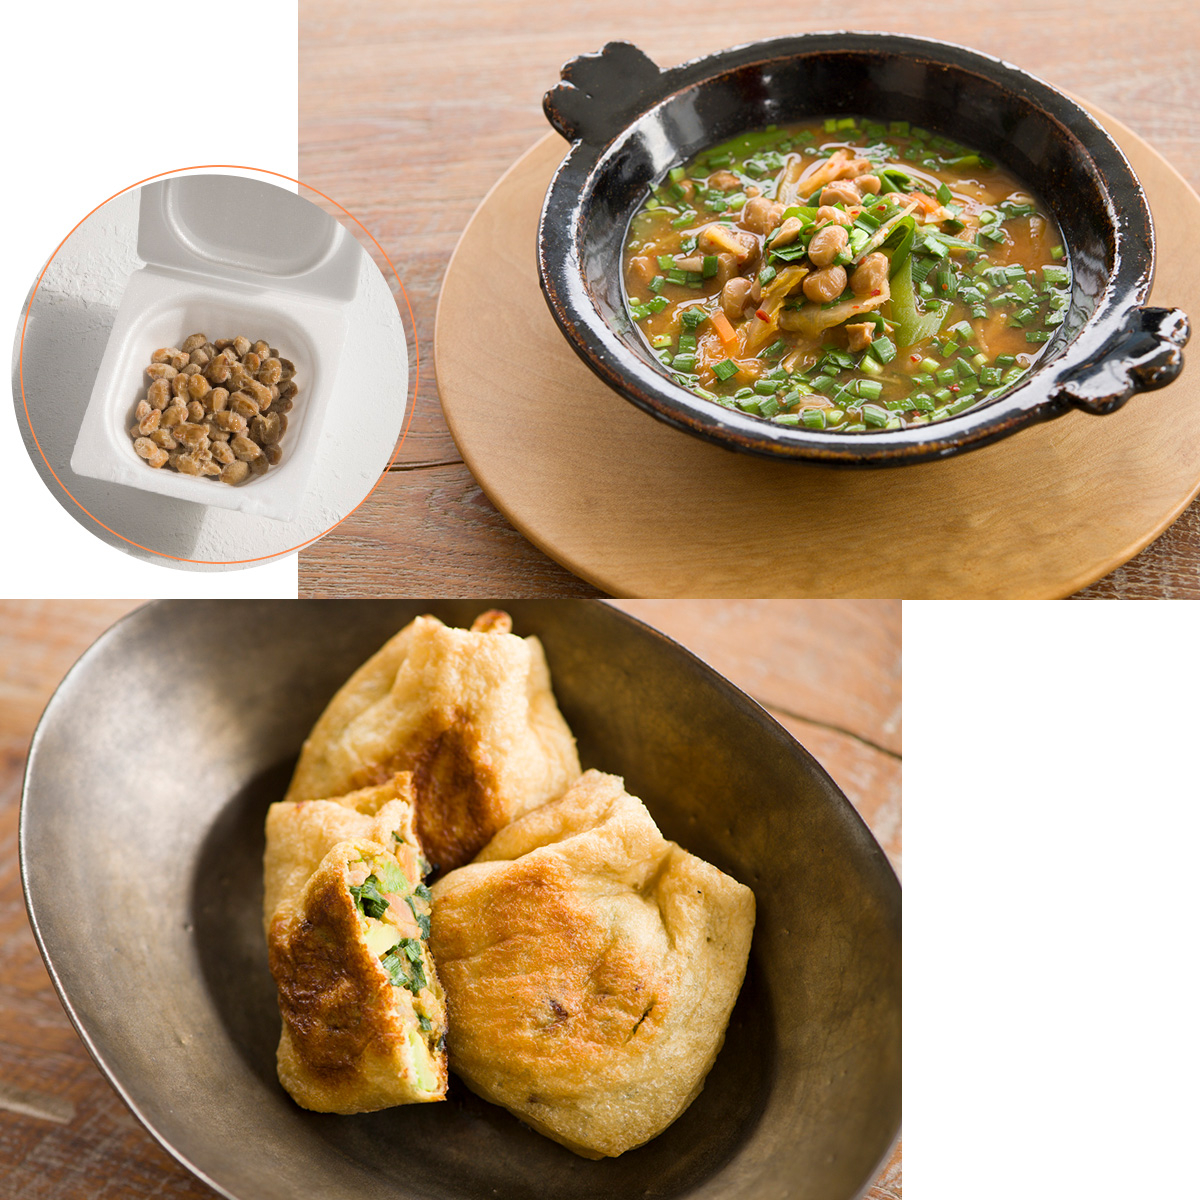 最強コスパの美容食材「納豆」と相性がいいのは? 腸内環境・肌荒れ改善におすすめ! Atsushi流レシピ